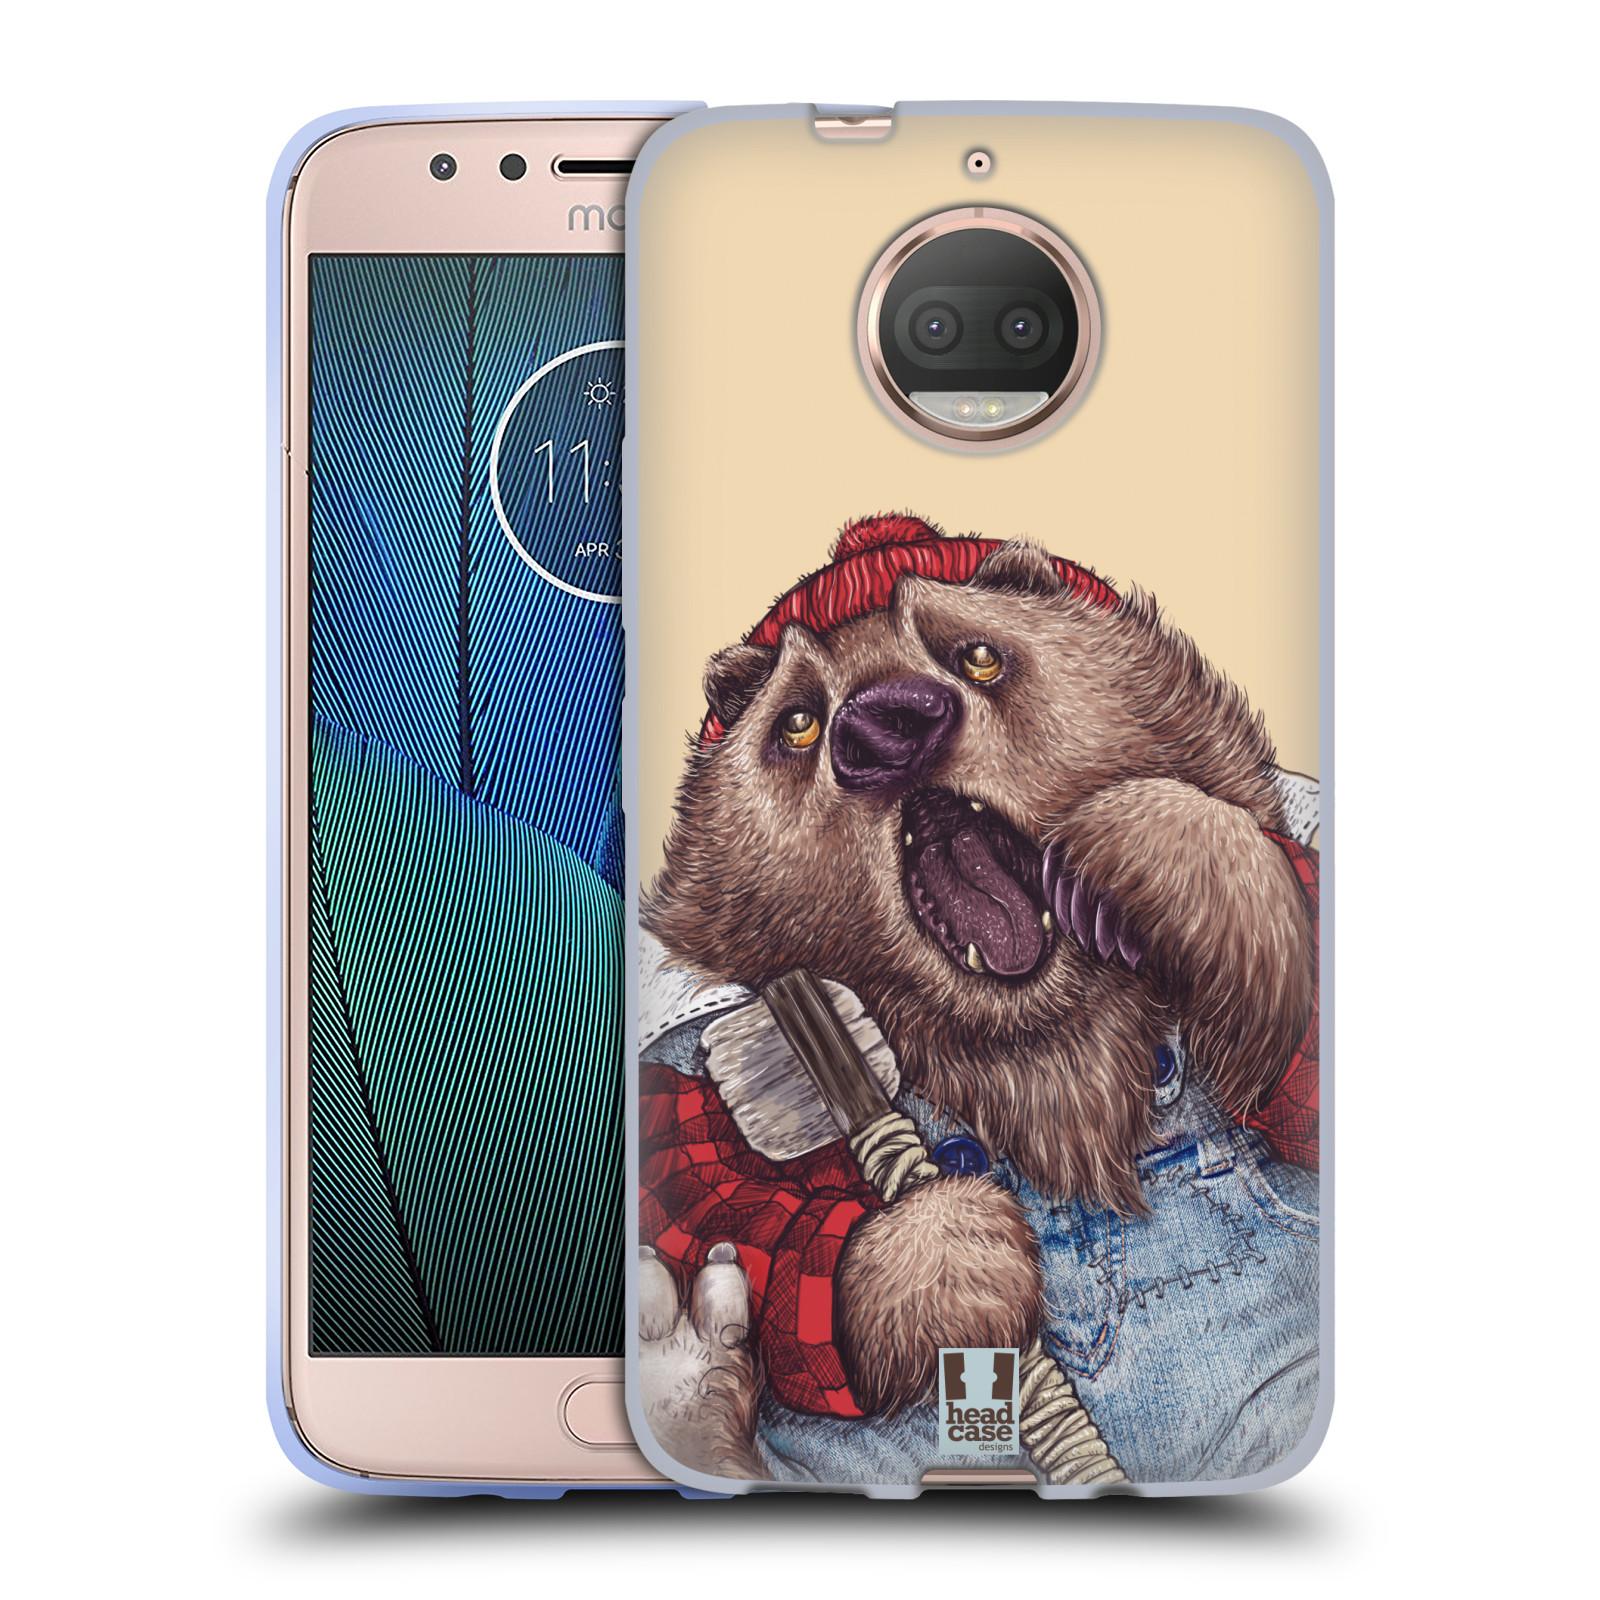 HEAD CASE silikonový obal na mobil Lenovo Moto G5s PLUS vzor Kreslená zvířátka medvěd